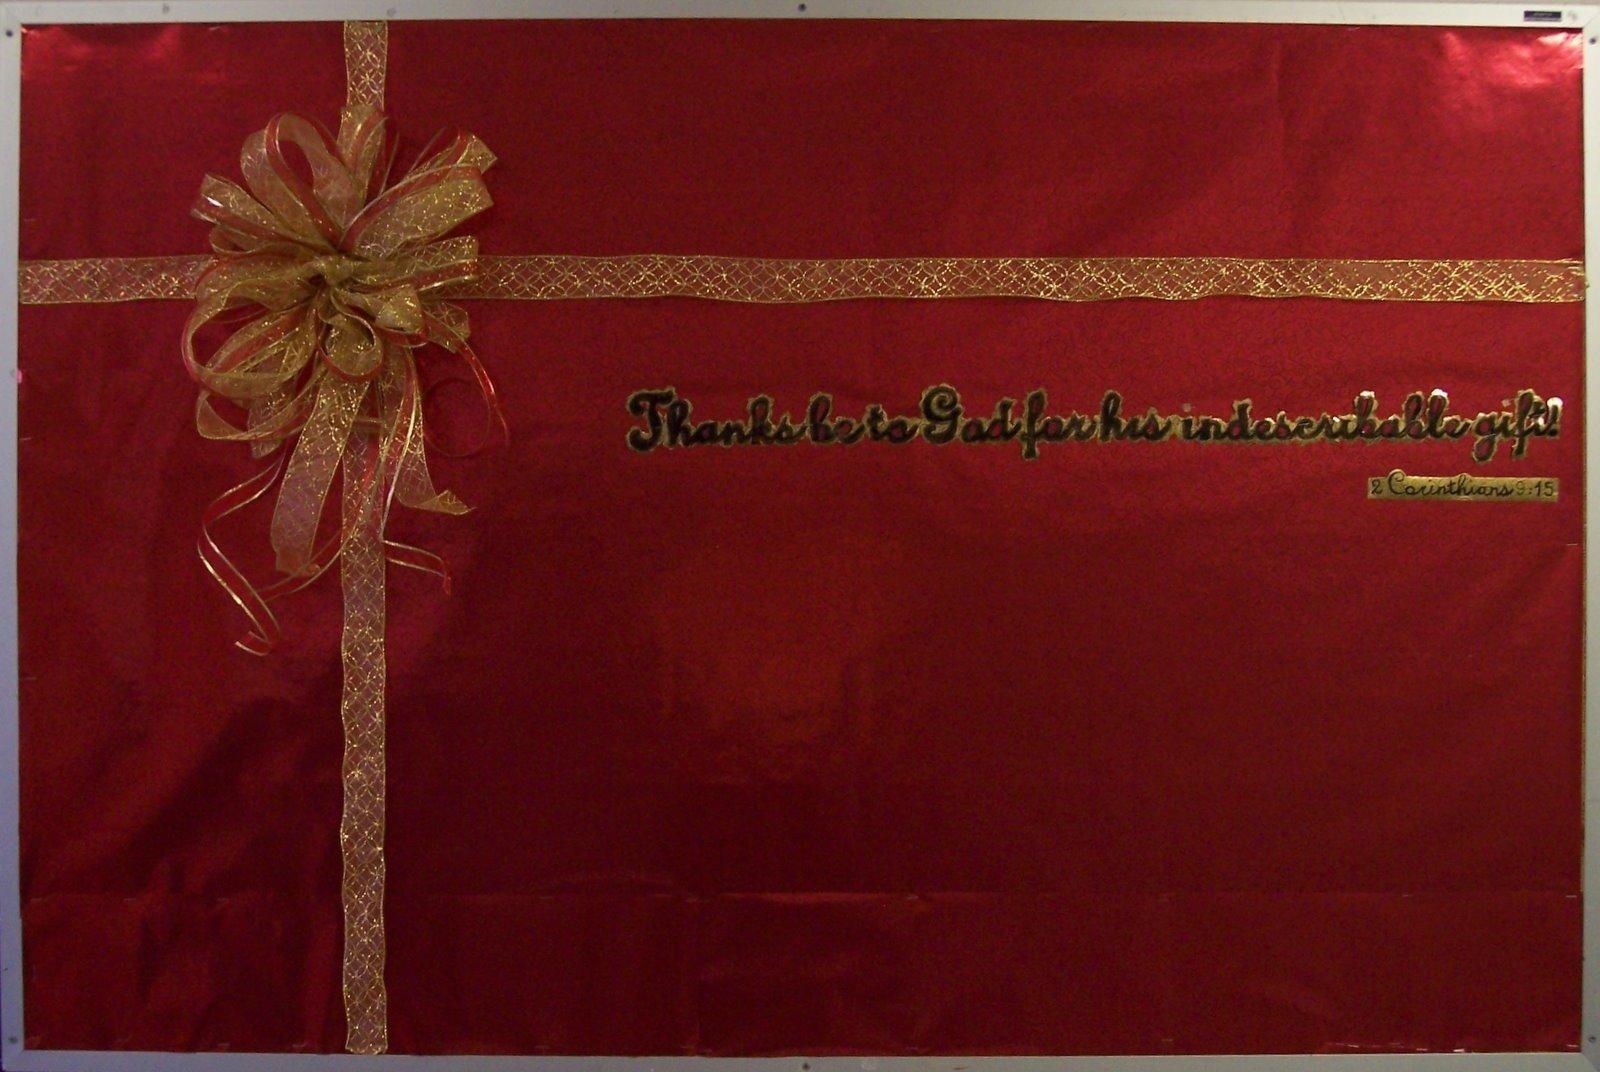 10 Ideal Christmas Church Bulletin Board Ideas seasonal soundings christmas 2010 bulletin board 2020